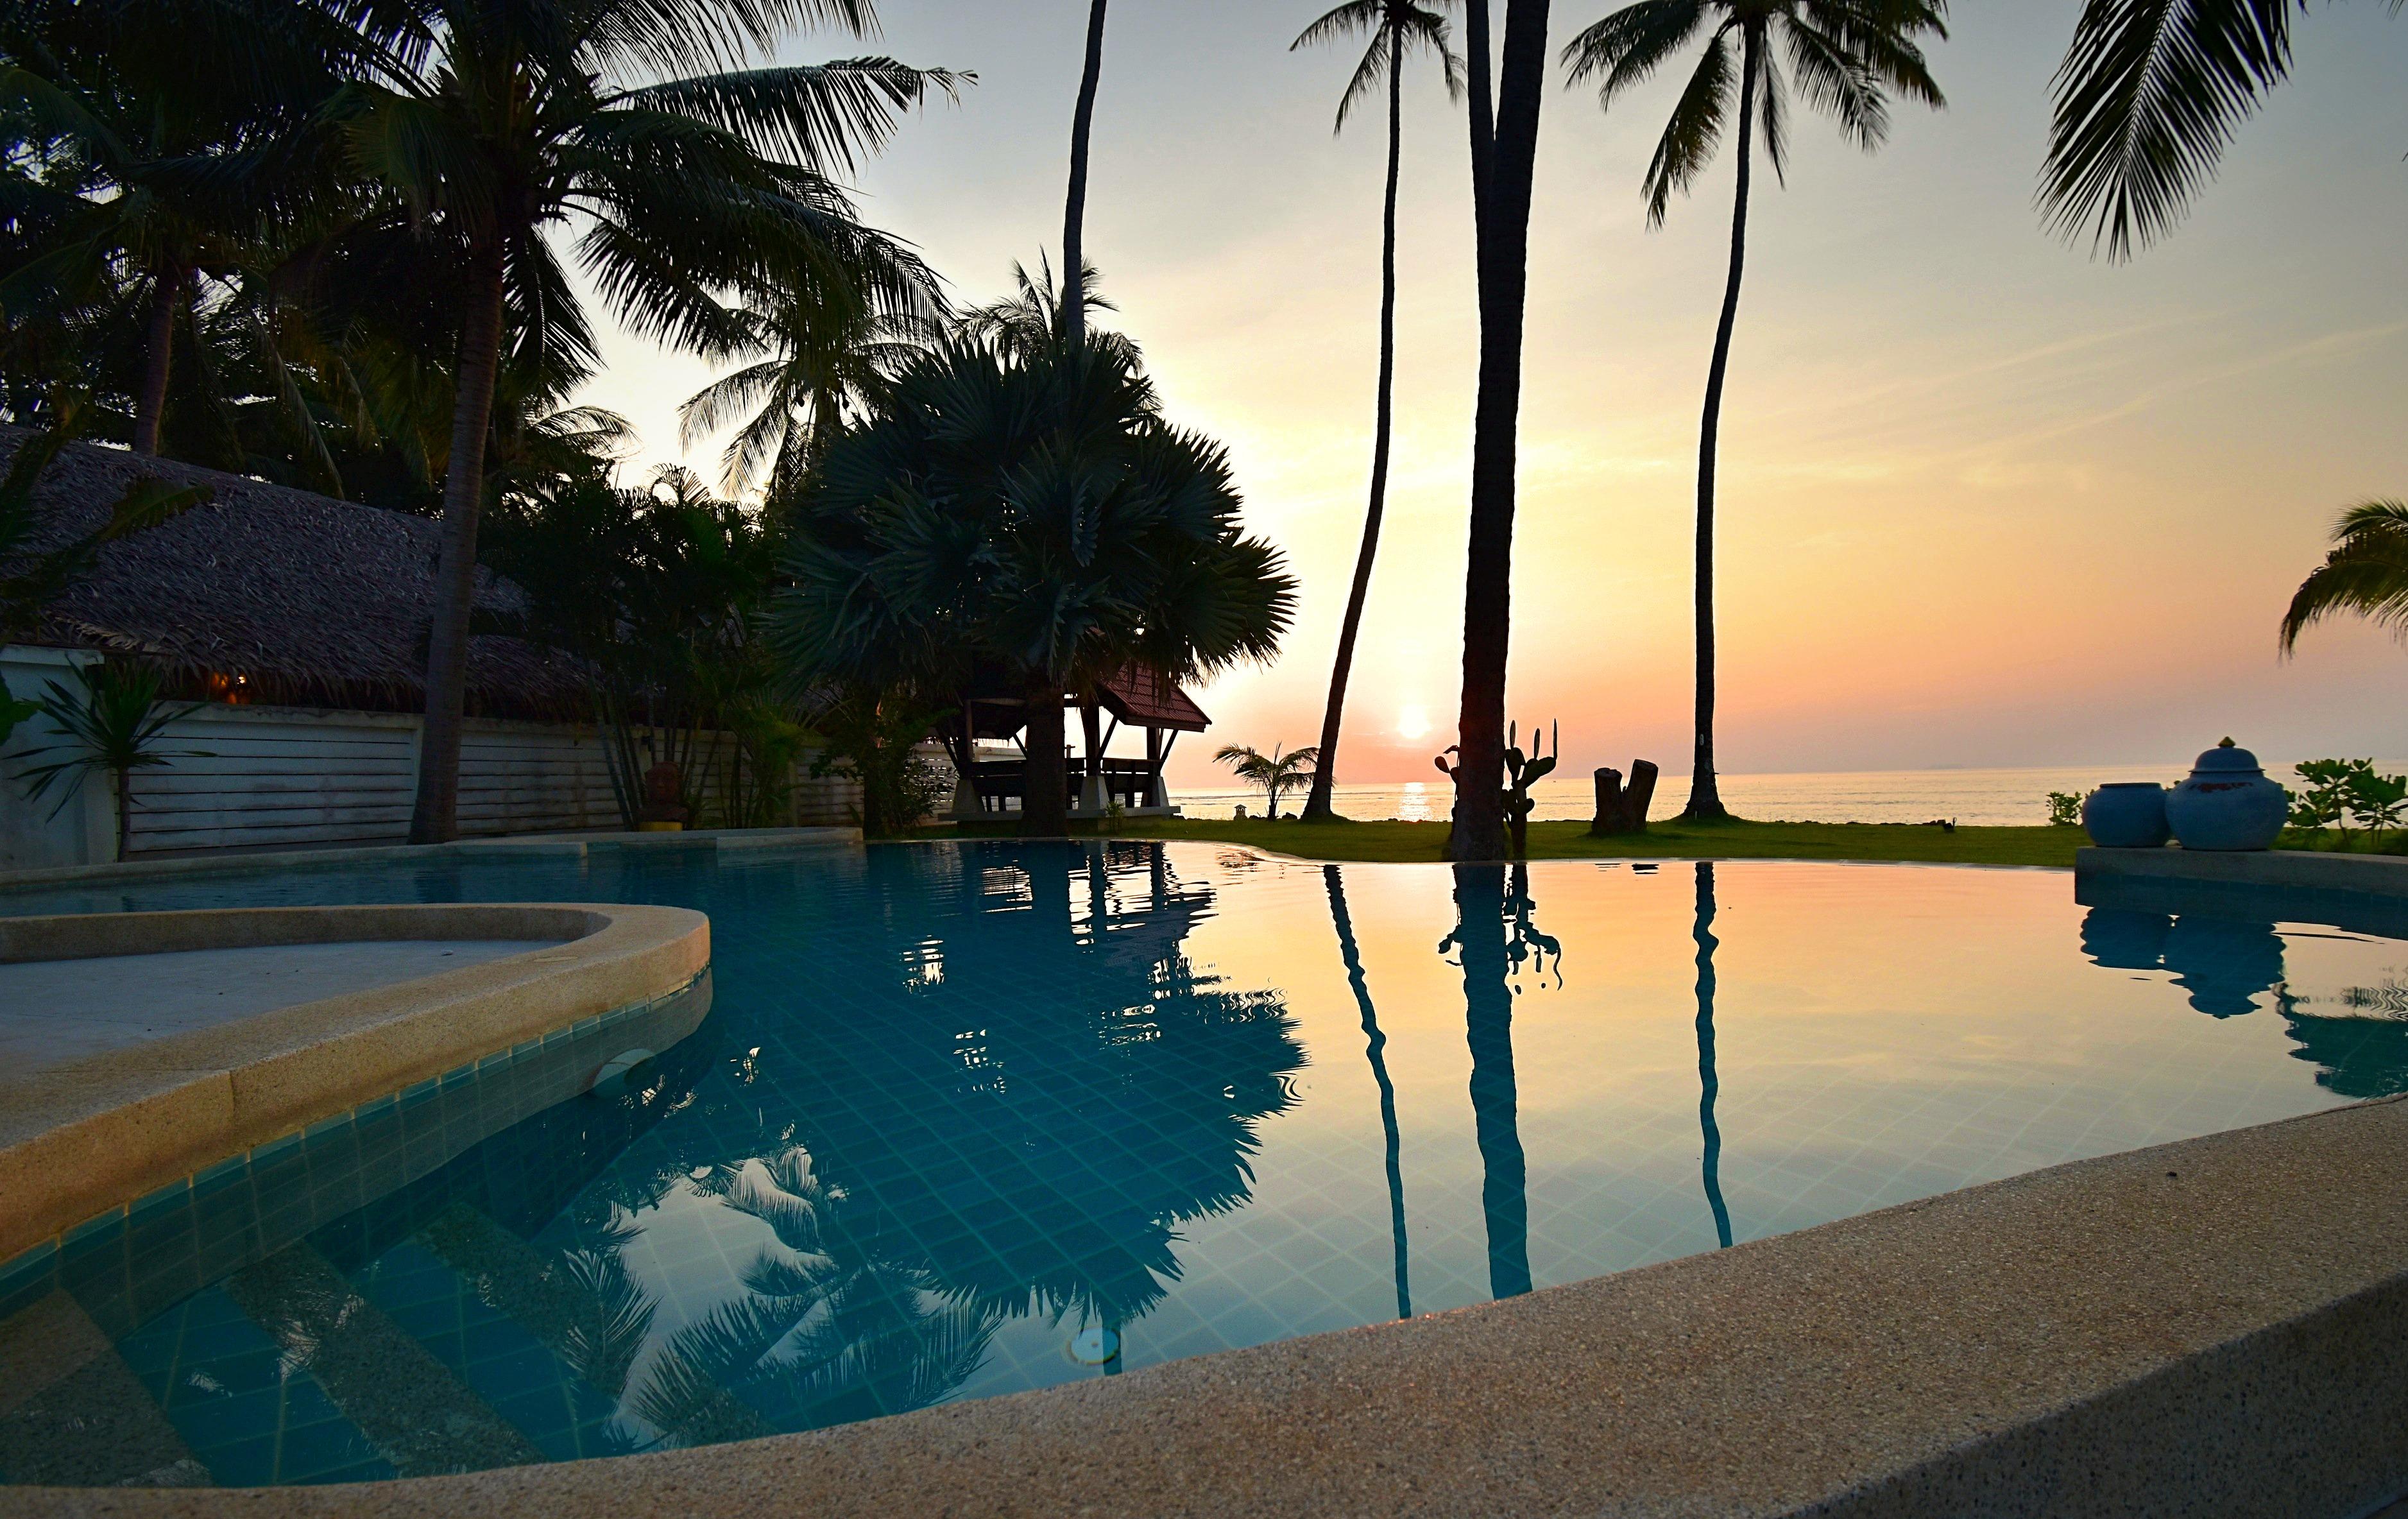 Malee Beach Villa De Luxe Sur La Plage Avec Piscine E1 Sai